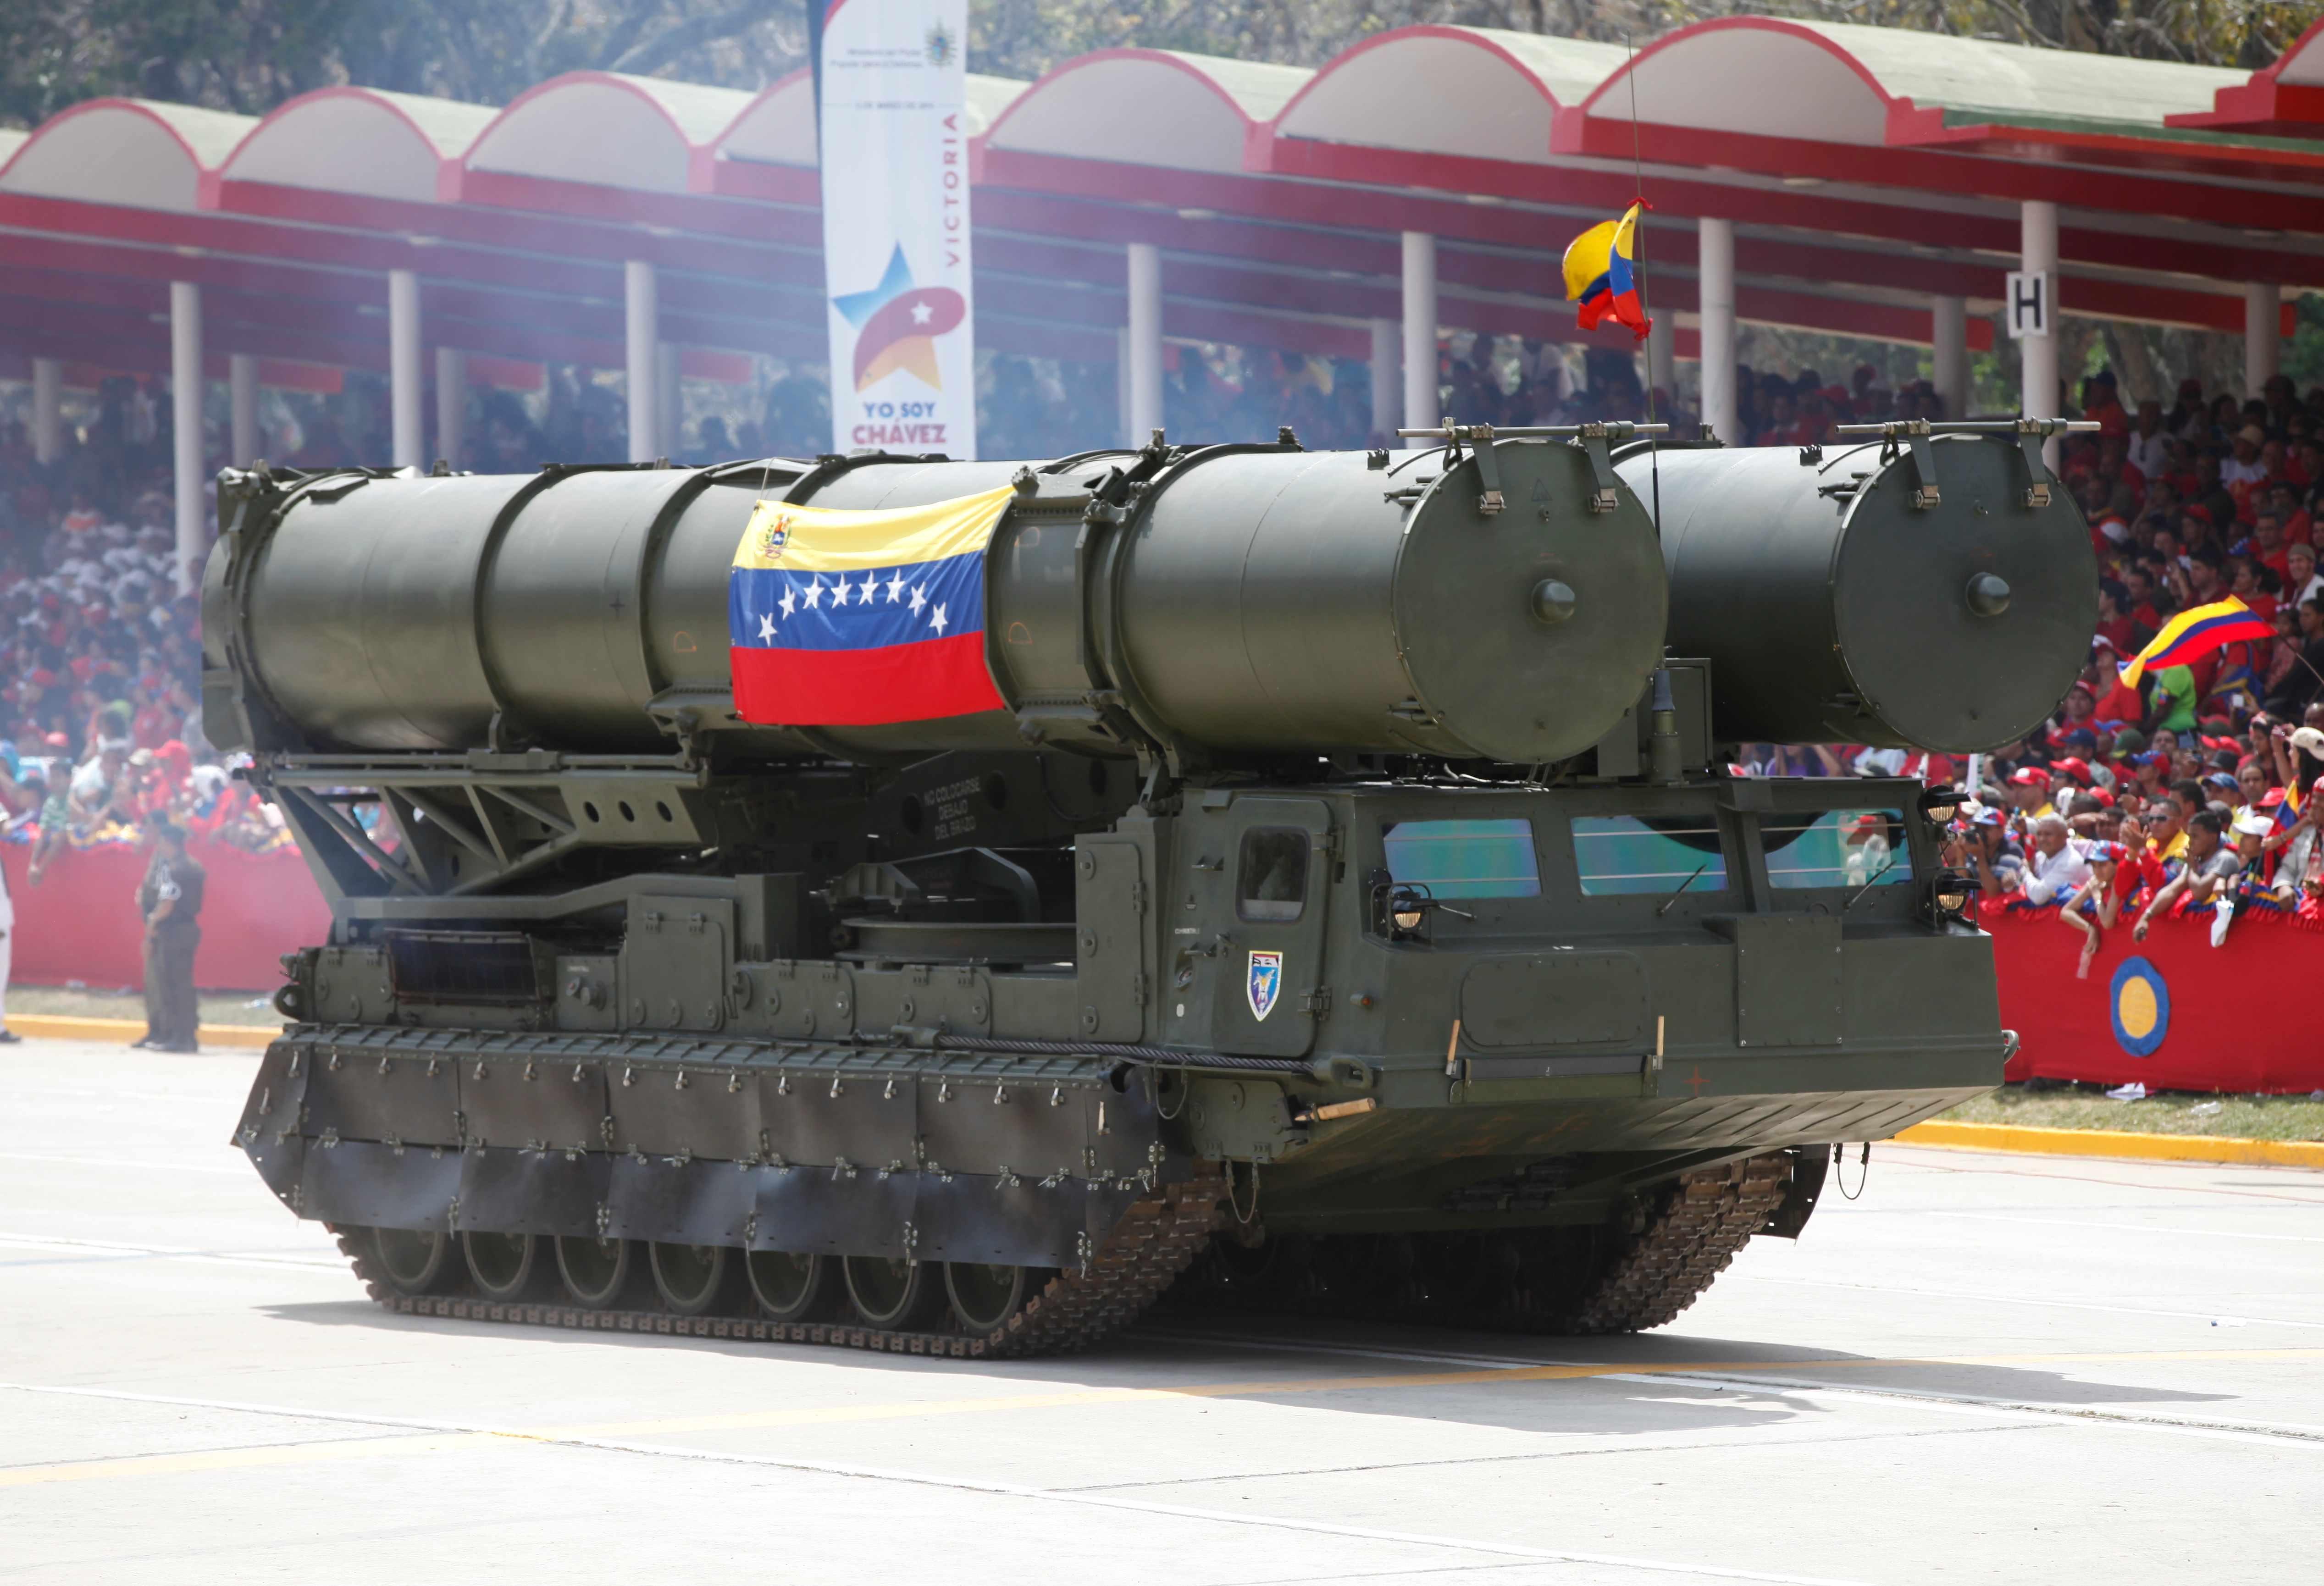 Venezuela posiciona mísseis na fronteira com Brasil